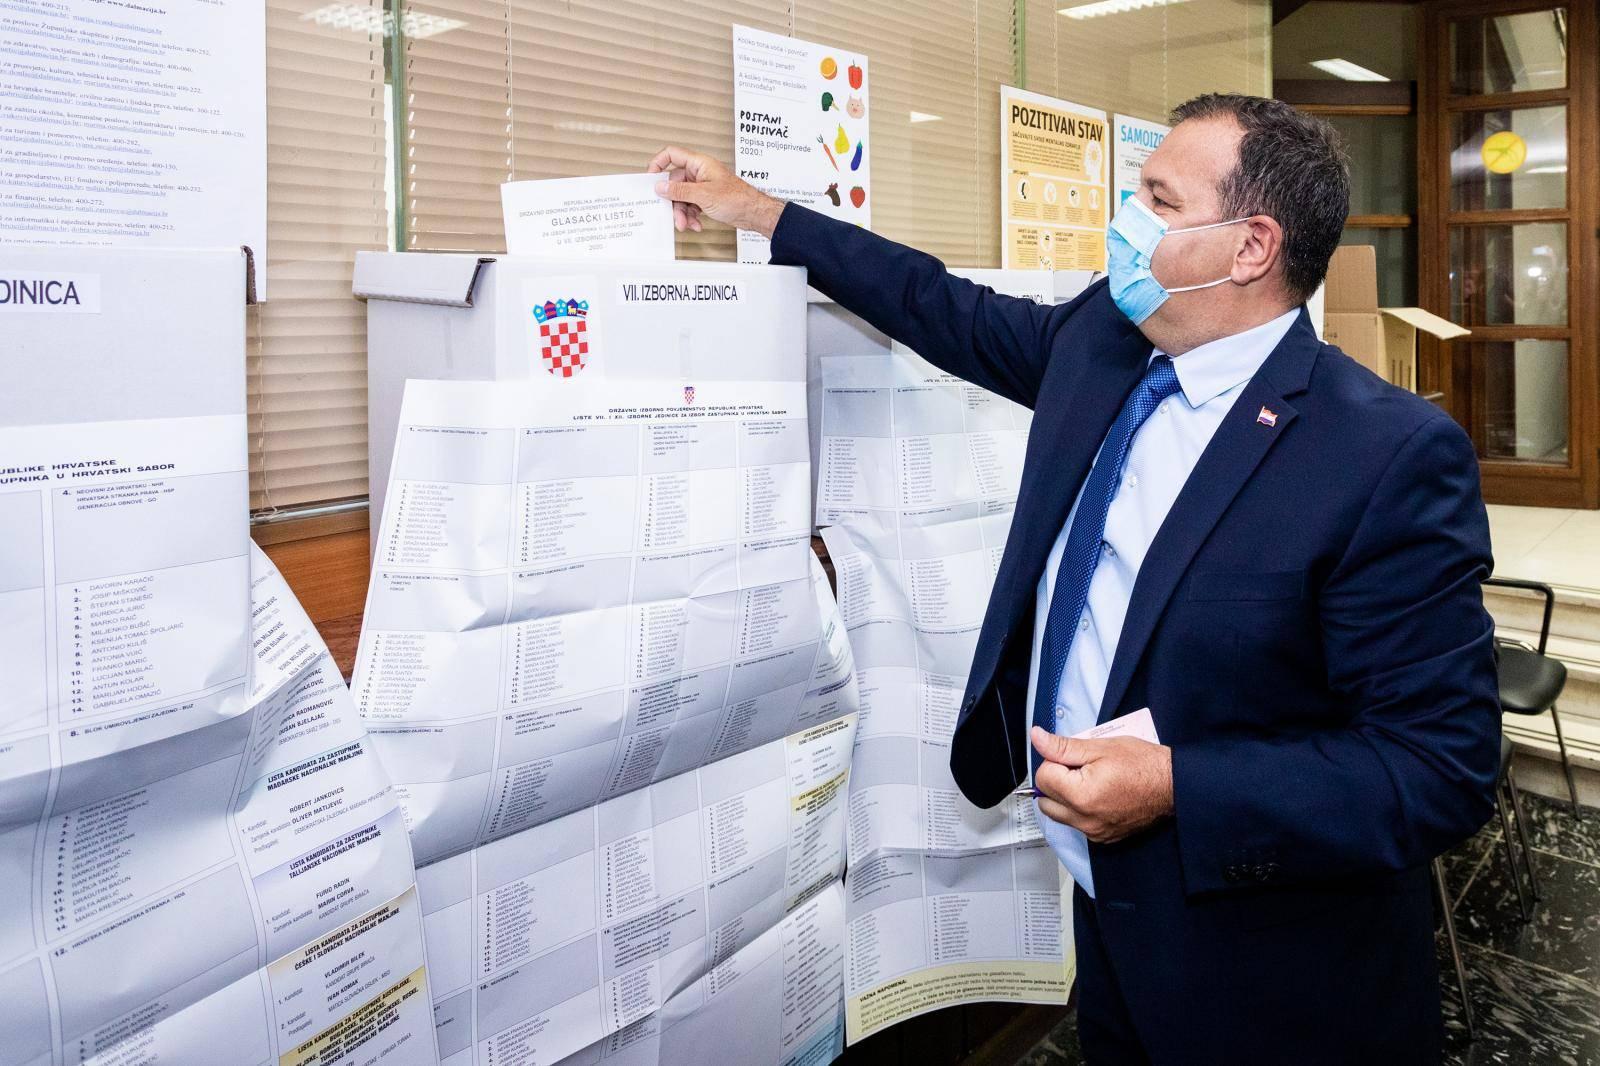 Ministar zdravstva Vili Beroš glasovao na glasačkom mjestu u Splitu